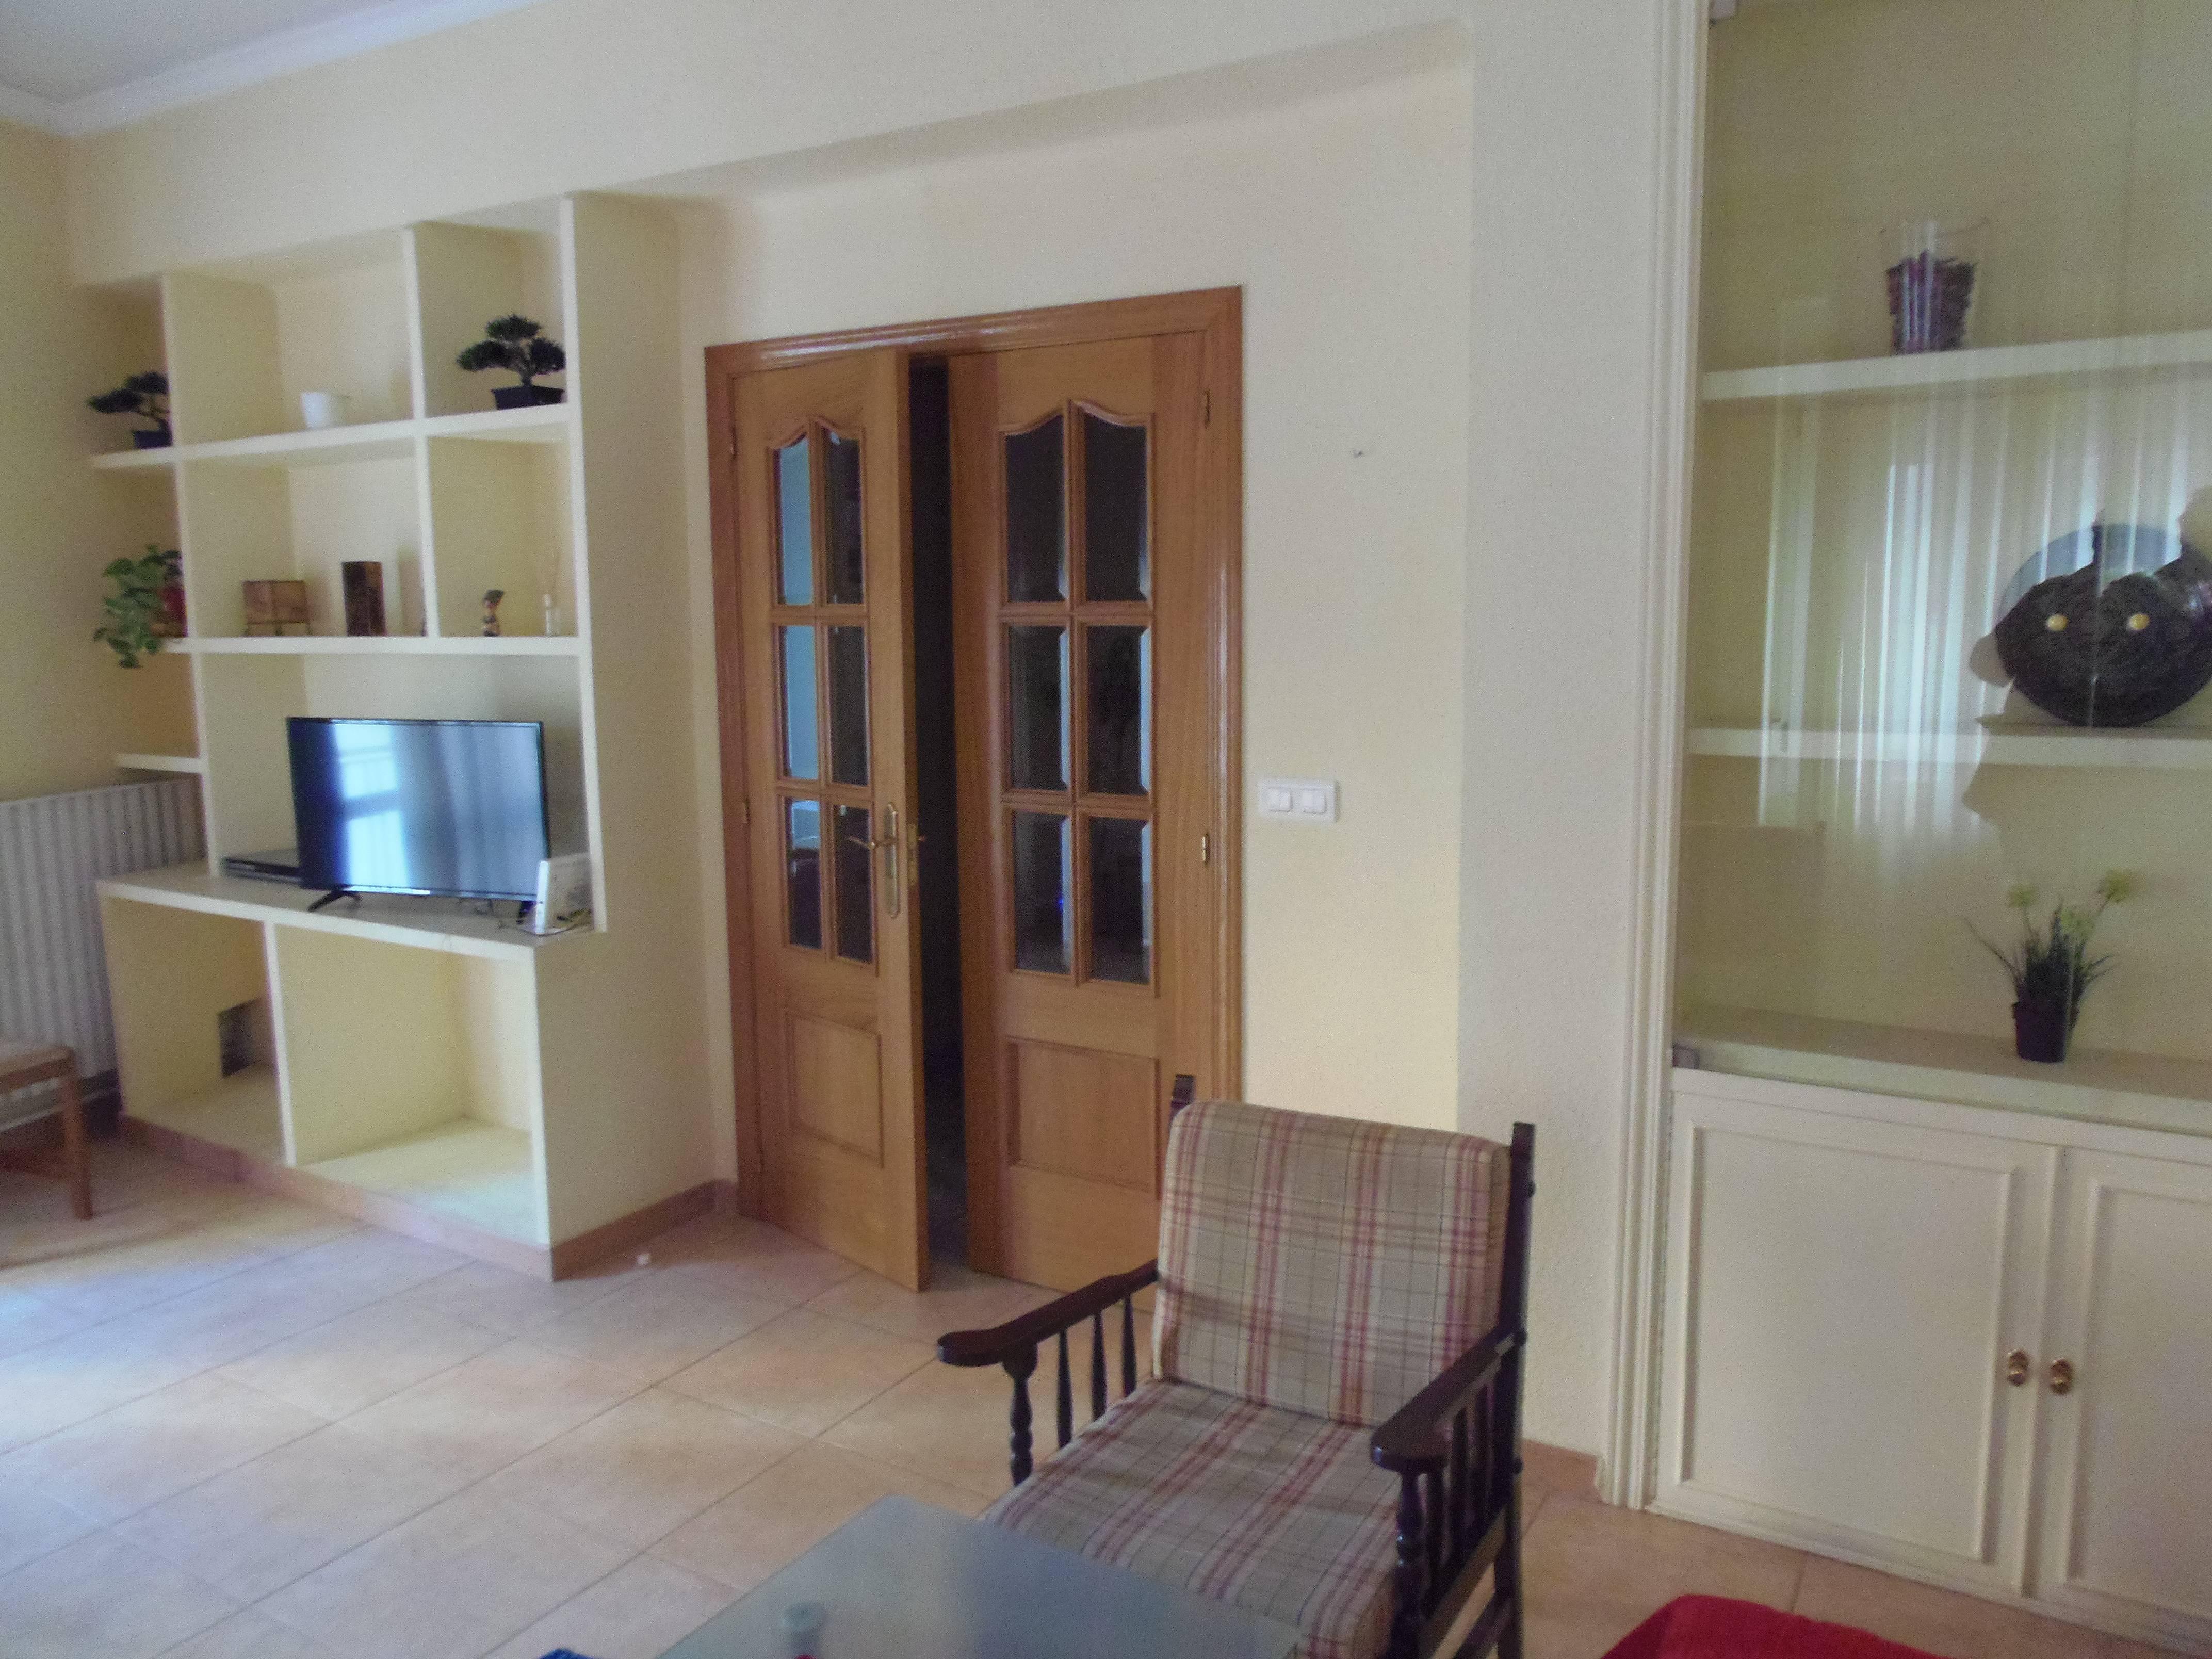 Apartamento en alquiler en salamanca centro salamanca salamanca ruta v a de la plata - Apartamentos en salamanca ...